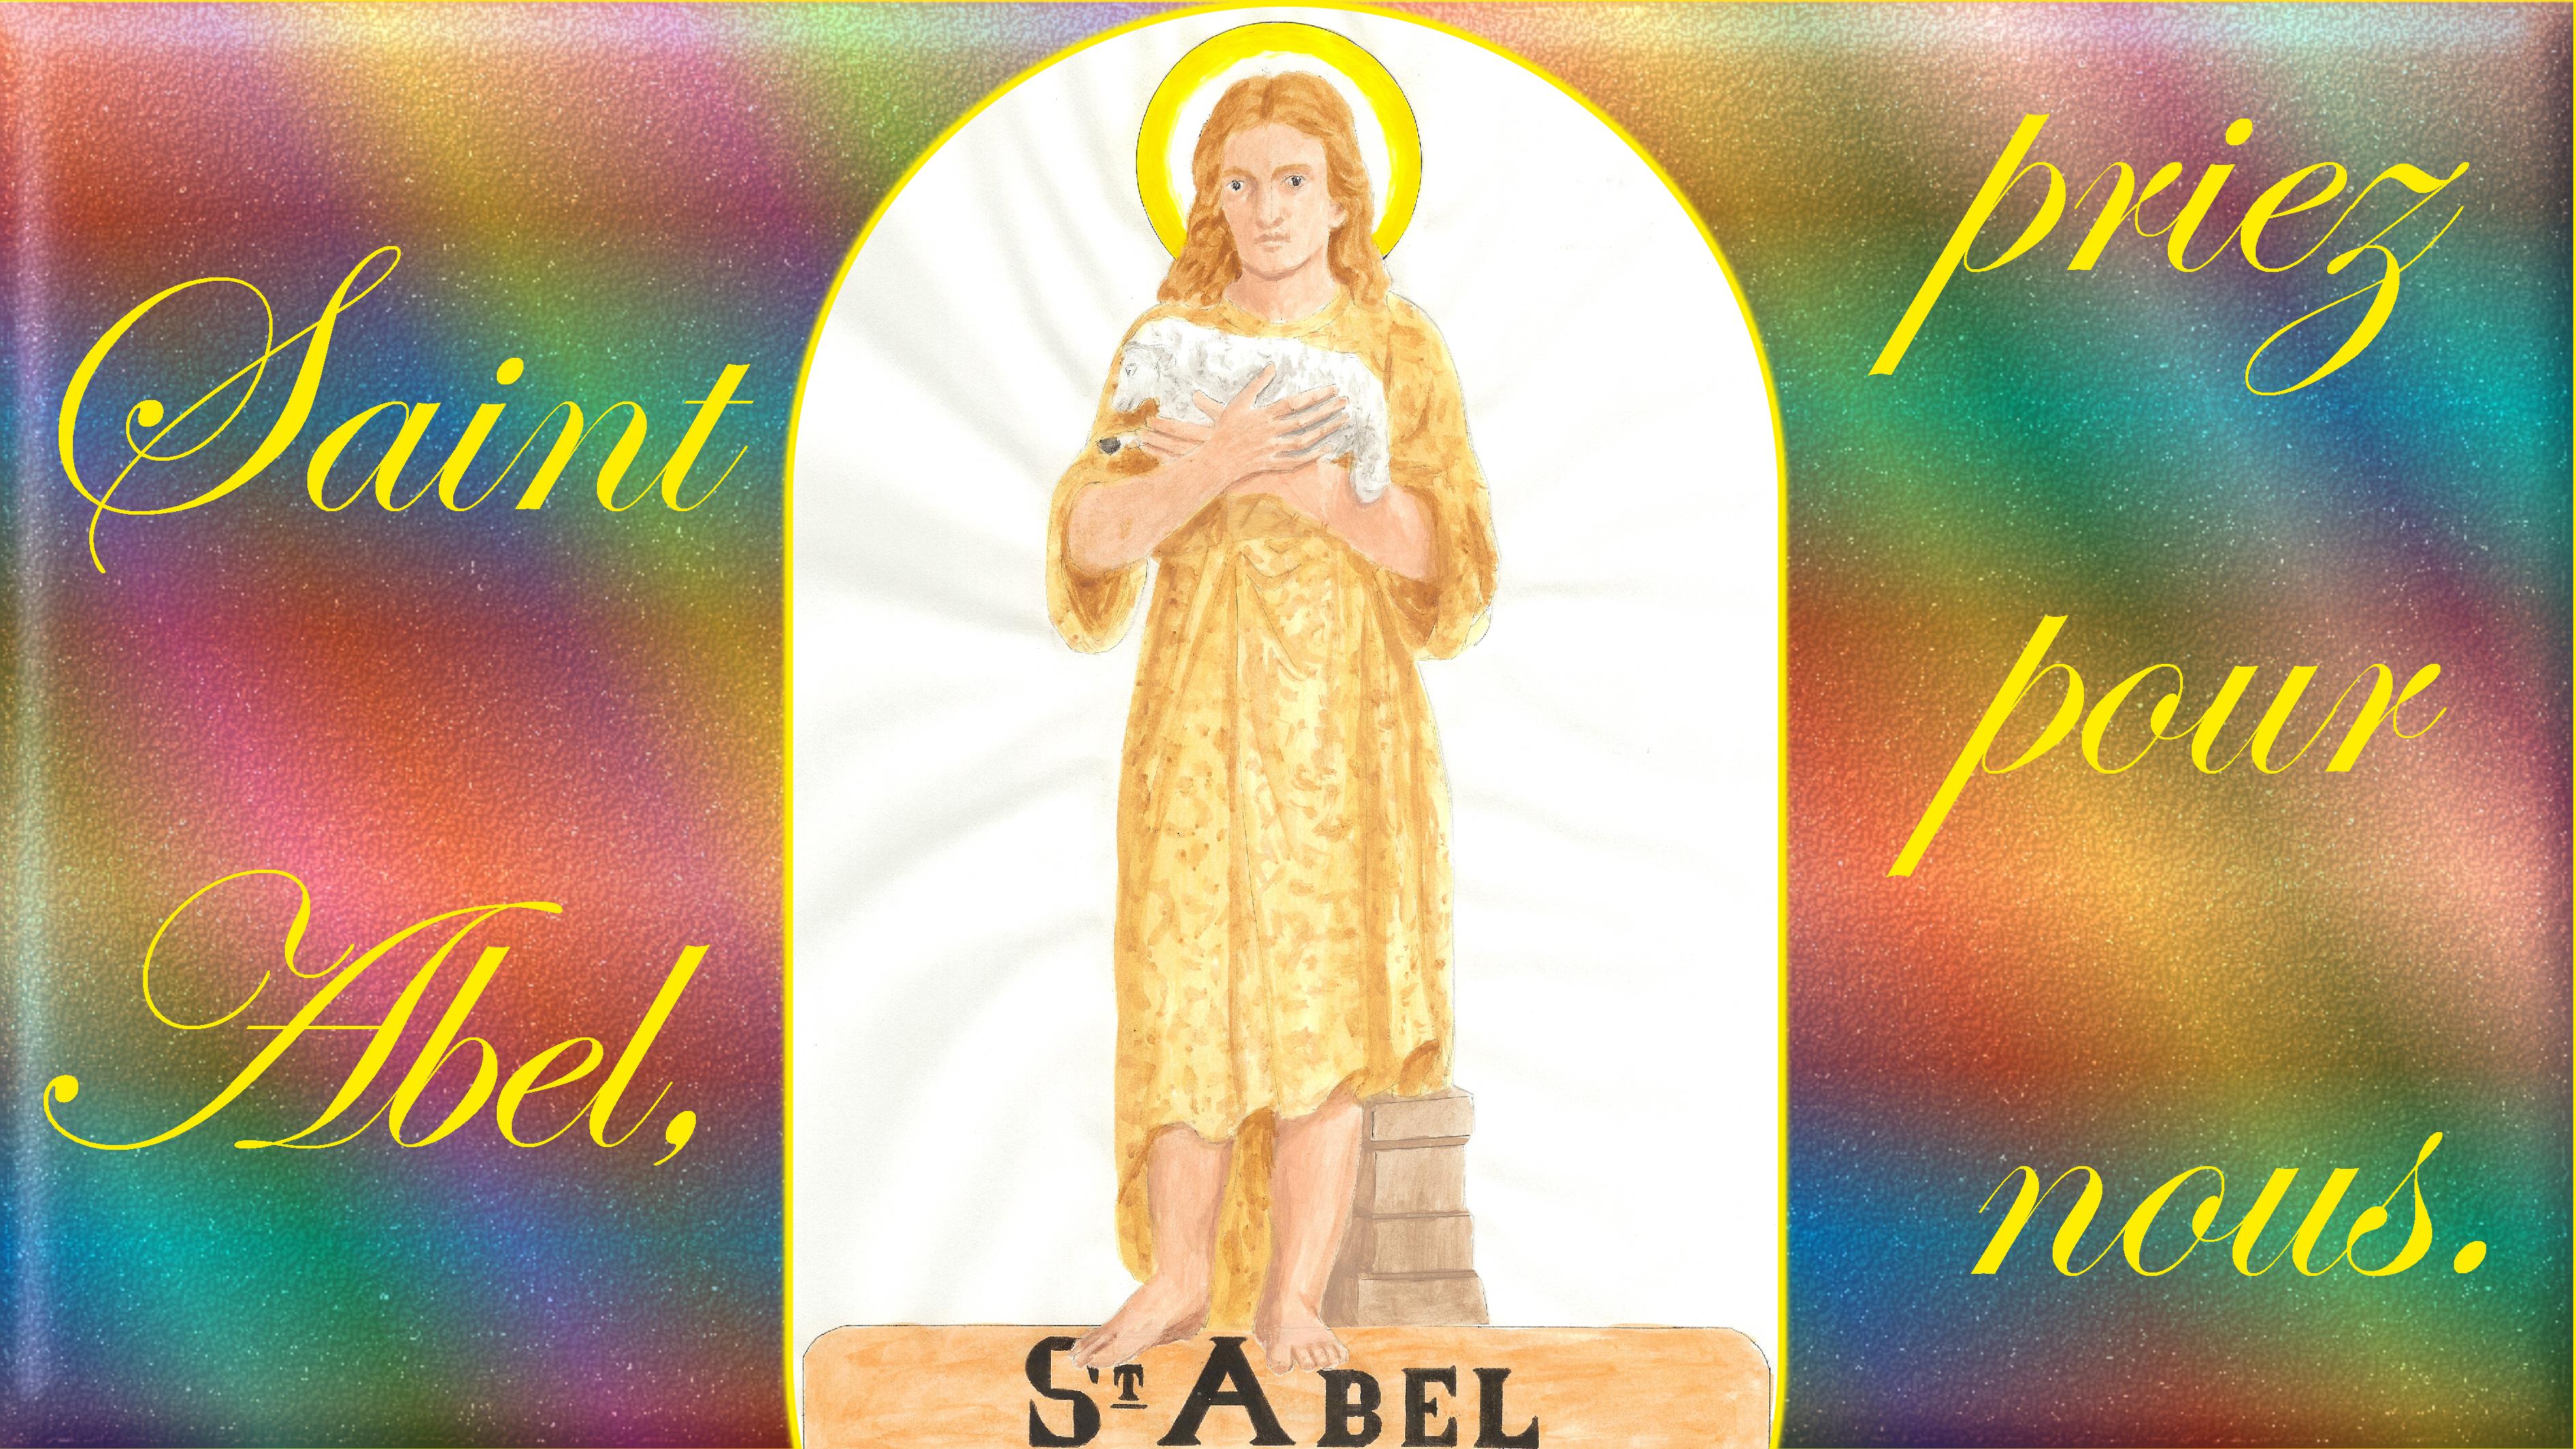 CALENDRIER CATHOLIQUE 2019 (Cantiques, Prières & Images) - Page 4 St-abel-566b9c8